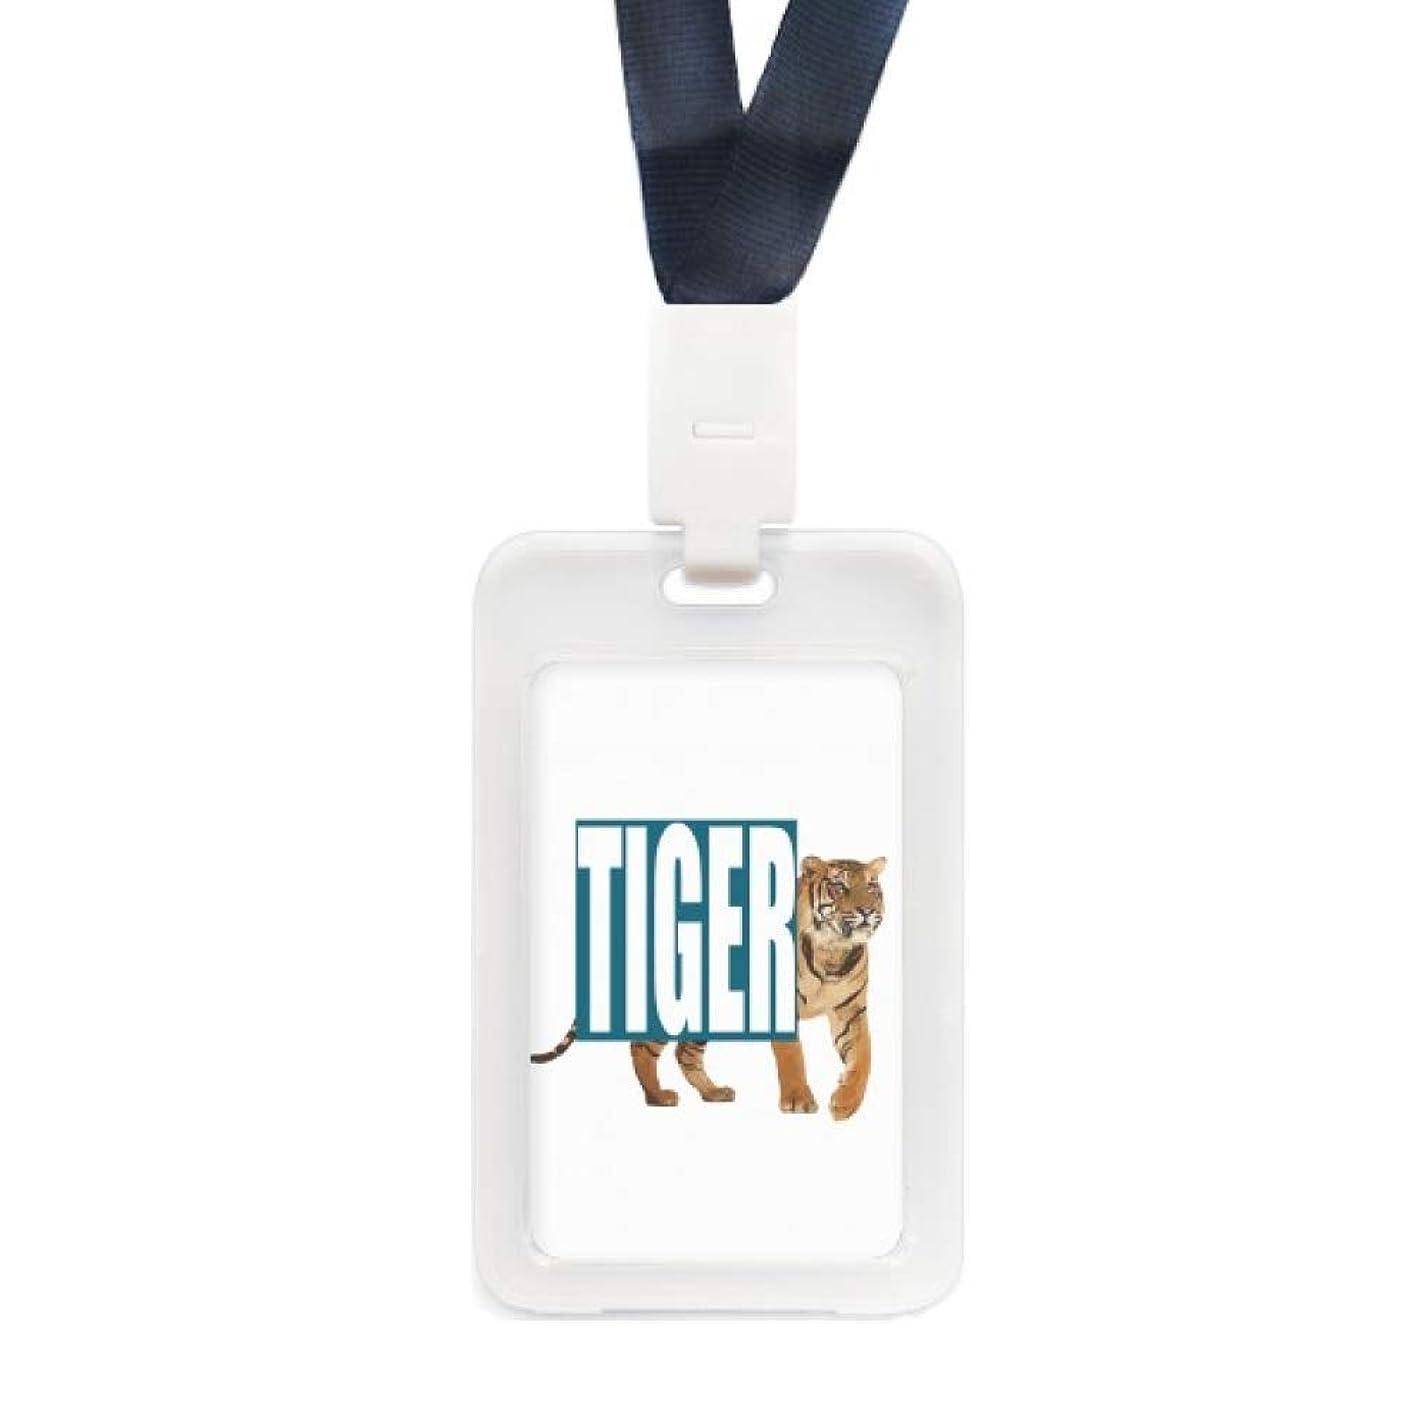 つぶすうまサーキュレーション猫タイガース 透明IDクレジットカードホルダー